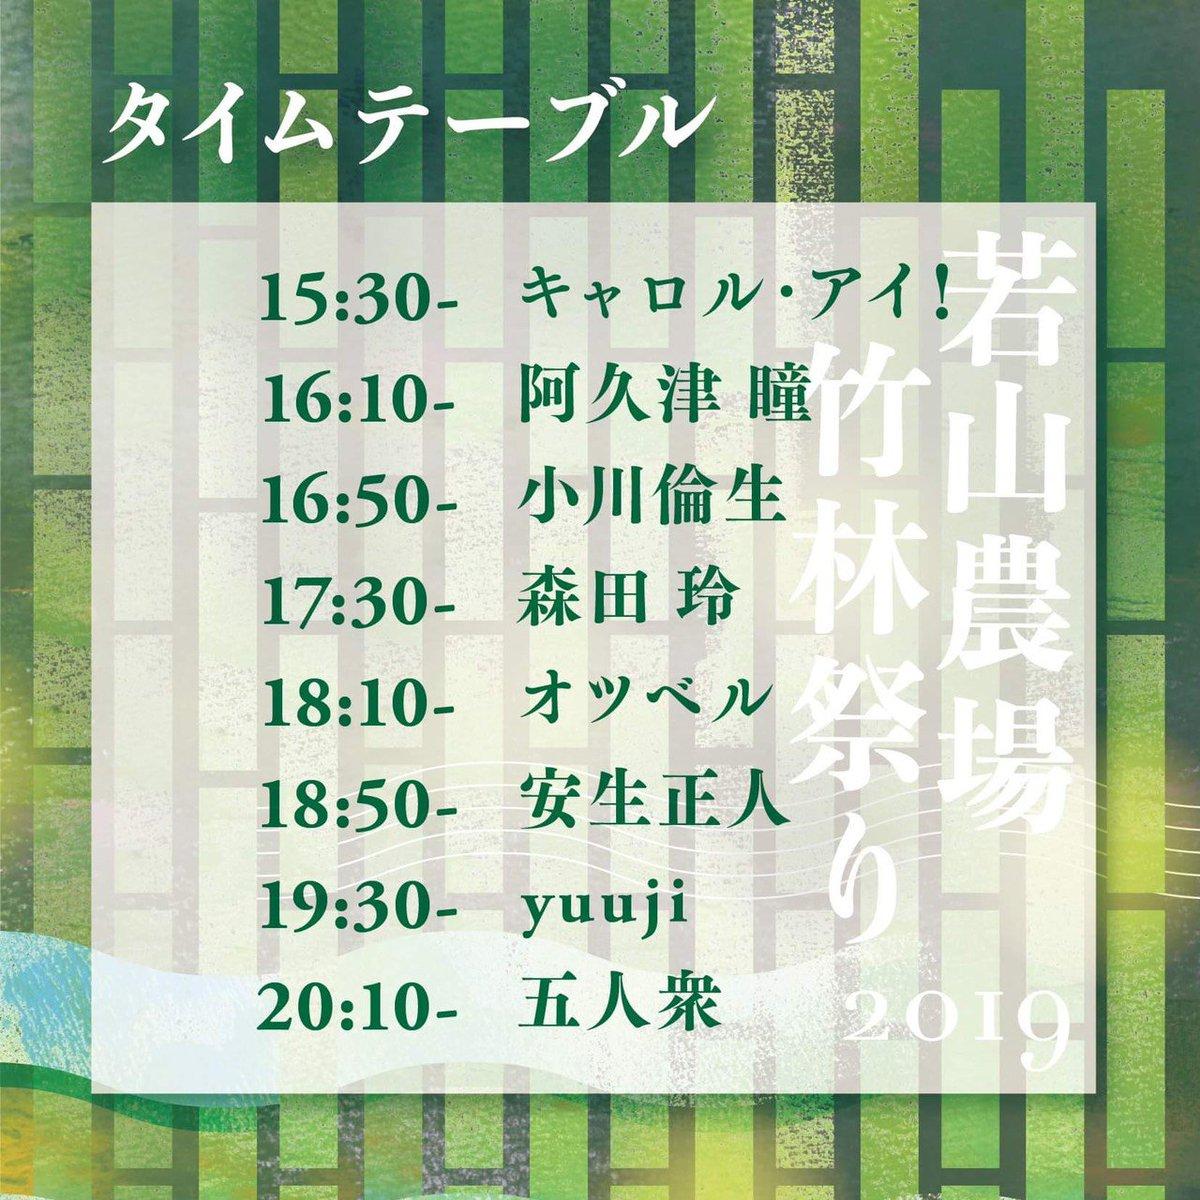 ⏰タイムテーブル発表!!⏰お待たせいたしました! #若山農場竹林祭り のタイムテーブルを発表いたします!!お祭り開催まで2週間を切りました!チケットはこちらから! #若竹の杜若山農場 #竹フェス🎋